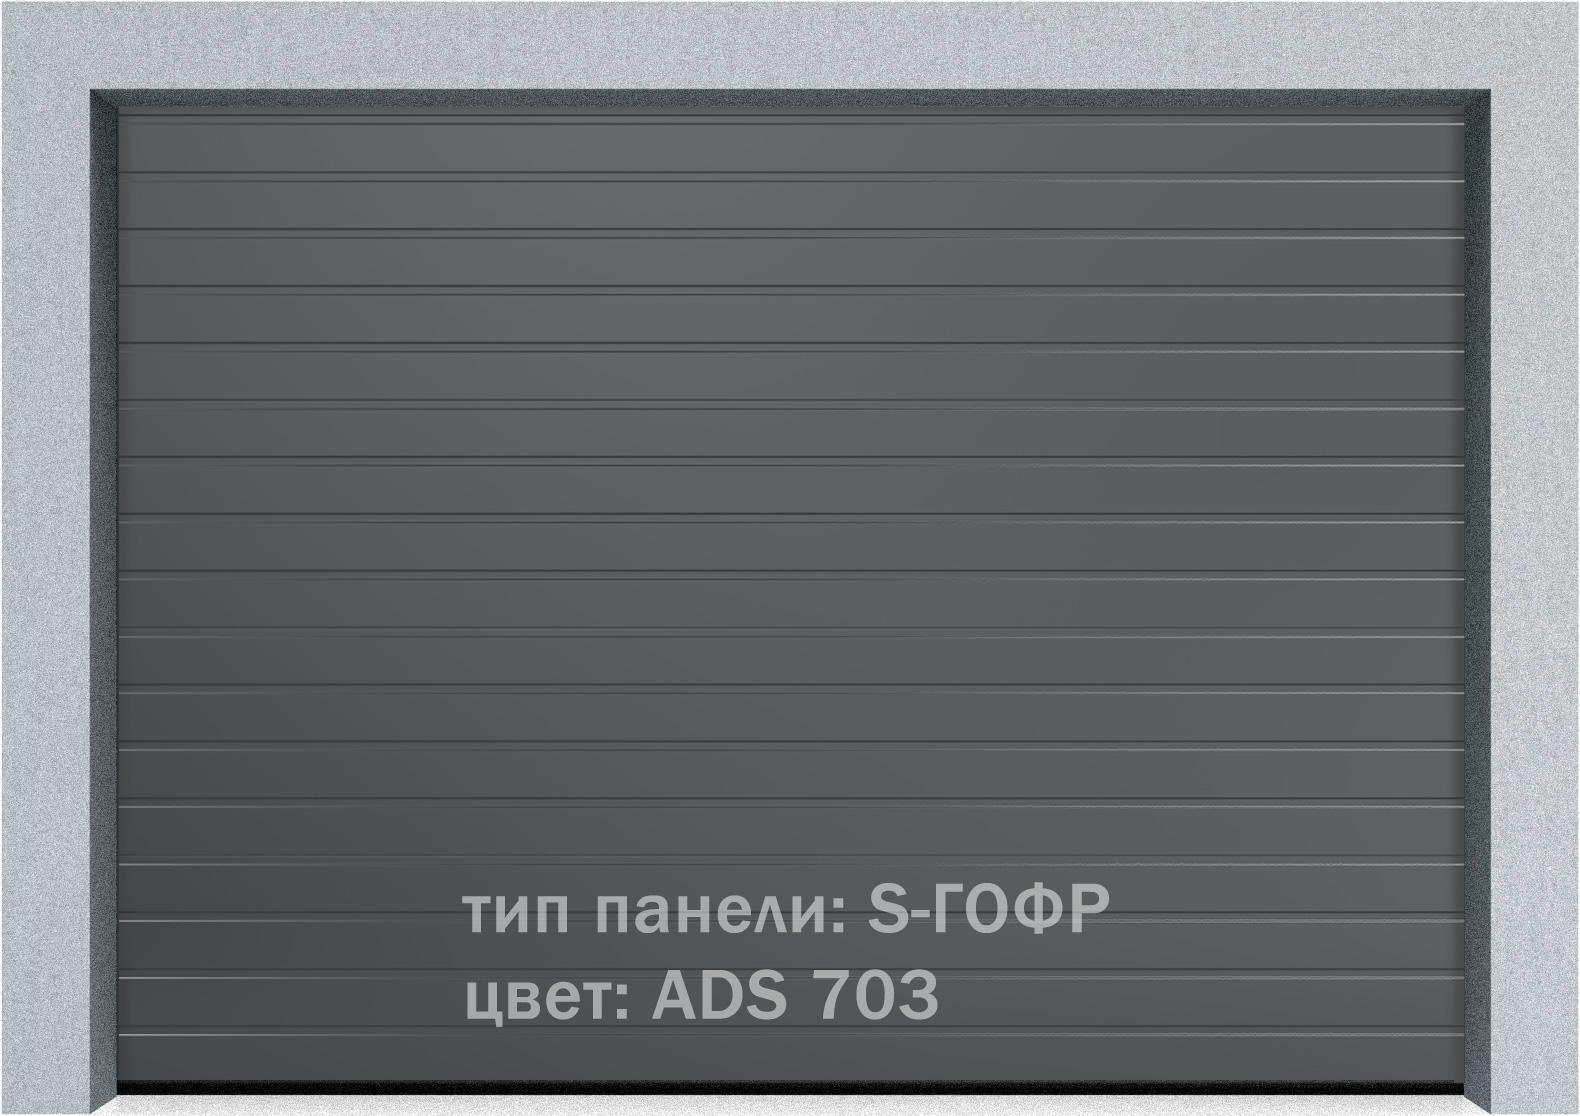 Секционные промышленные ворота Alutech ProTrend 2875х2375 S-гофр, Микроволна стандартные цвета, фото 10